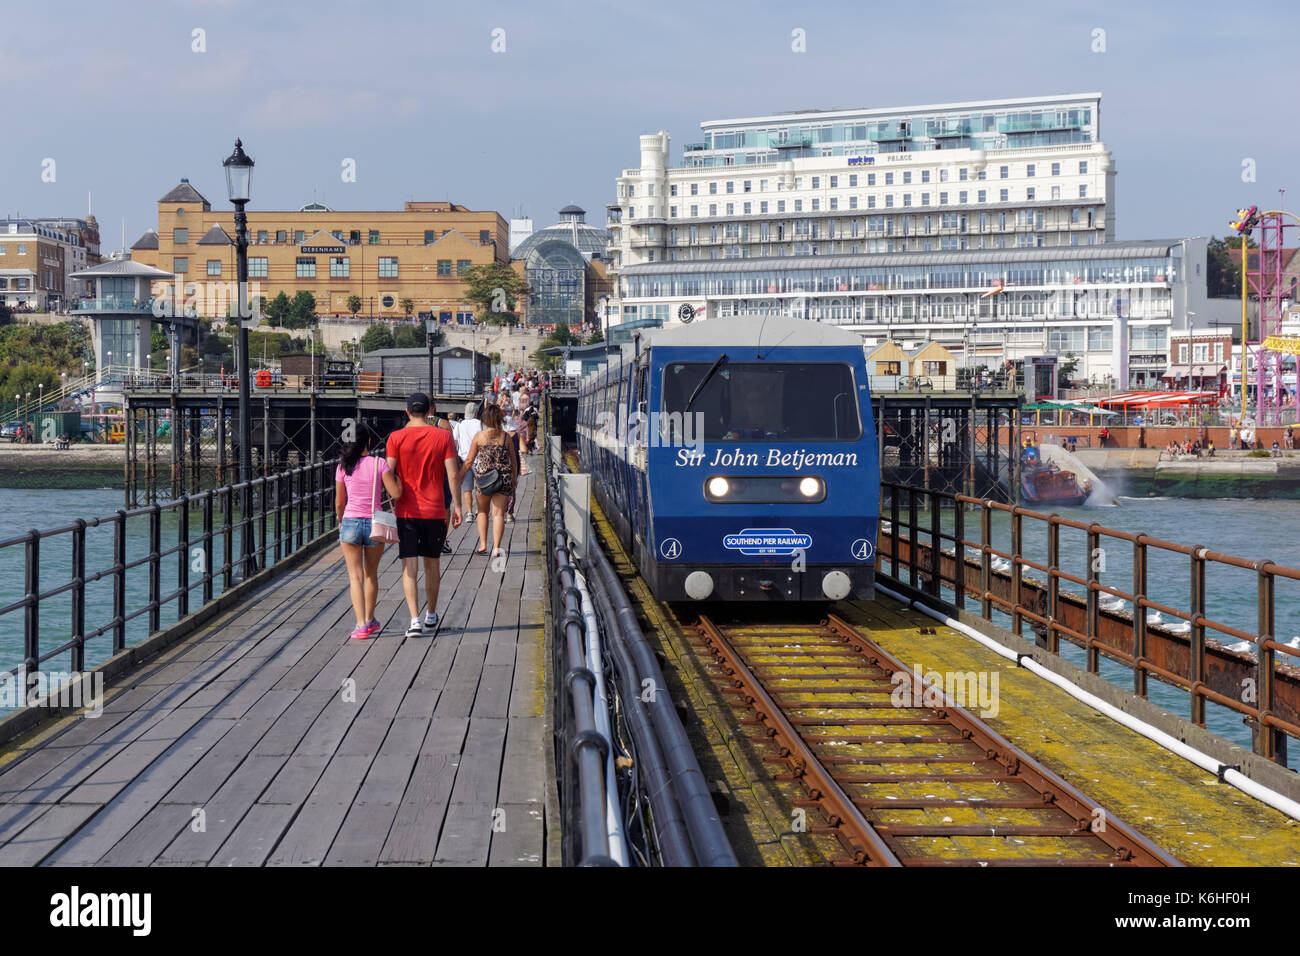 Southend Pier train, Southend-on-Sea, Essex, England, United Kingdom, UK - Stock Image